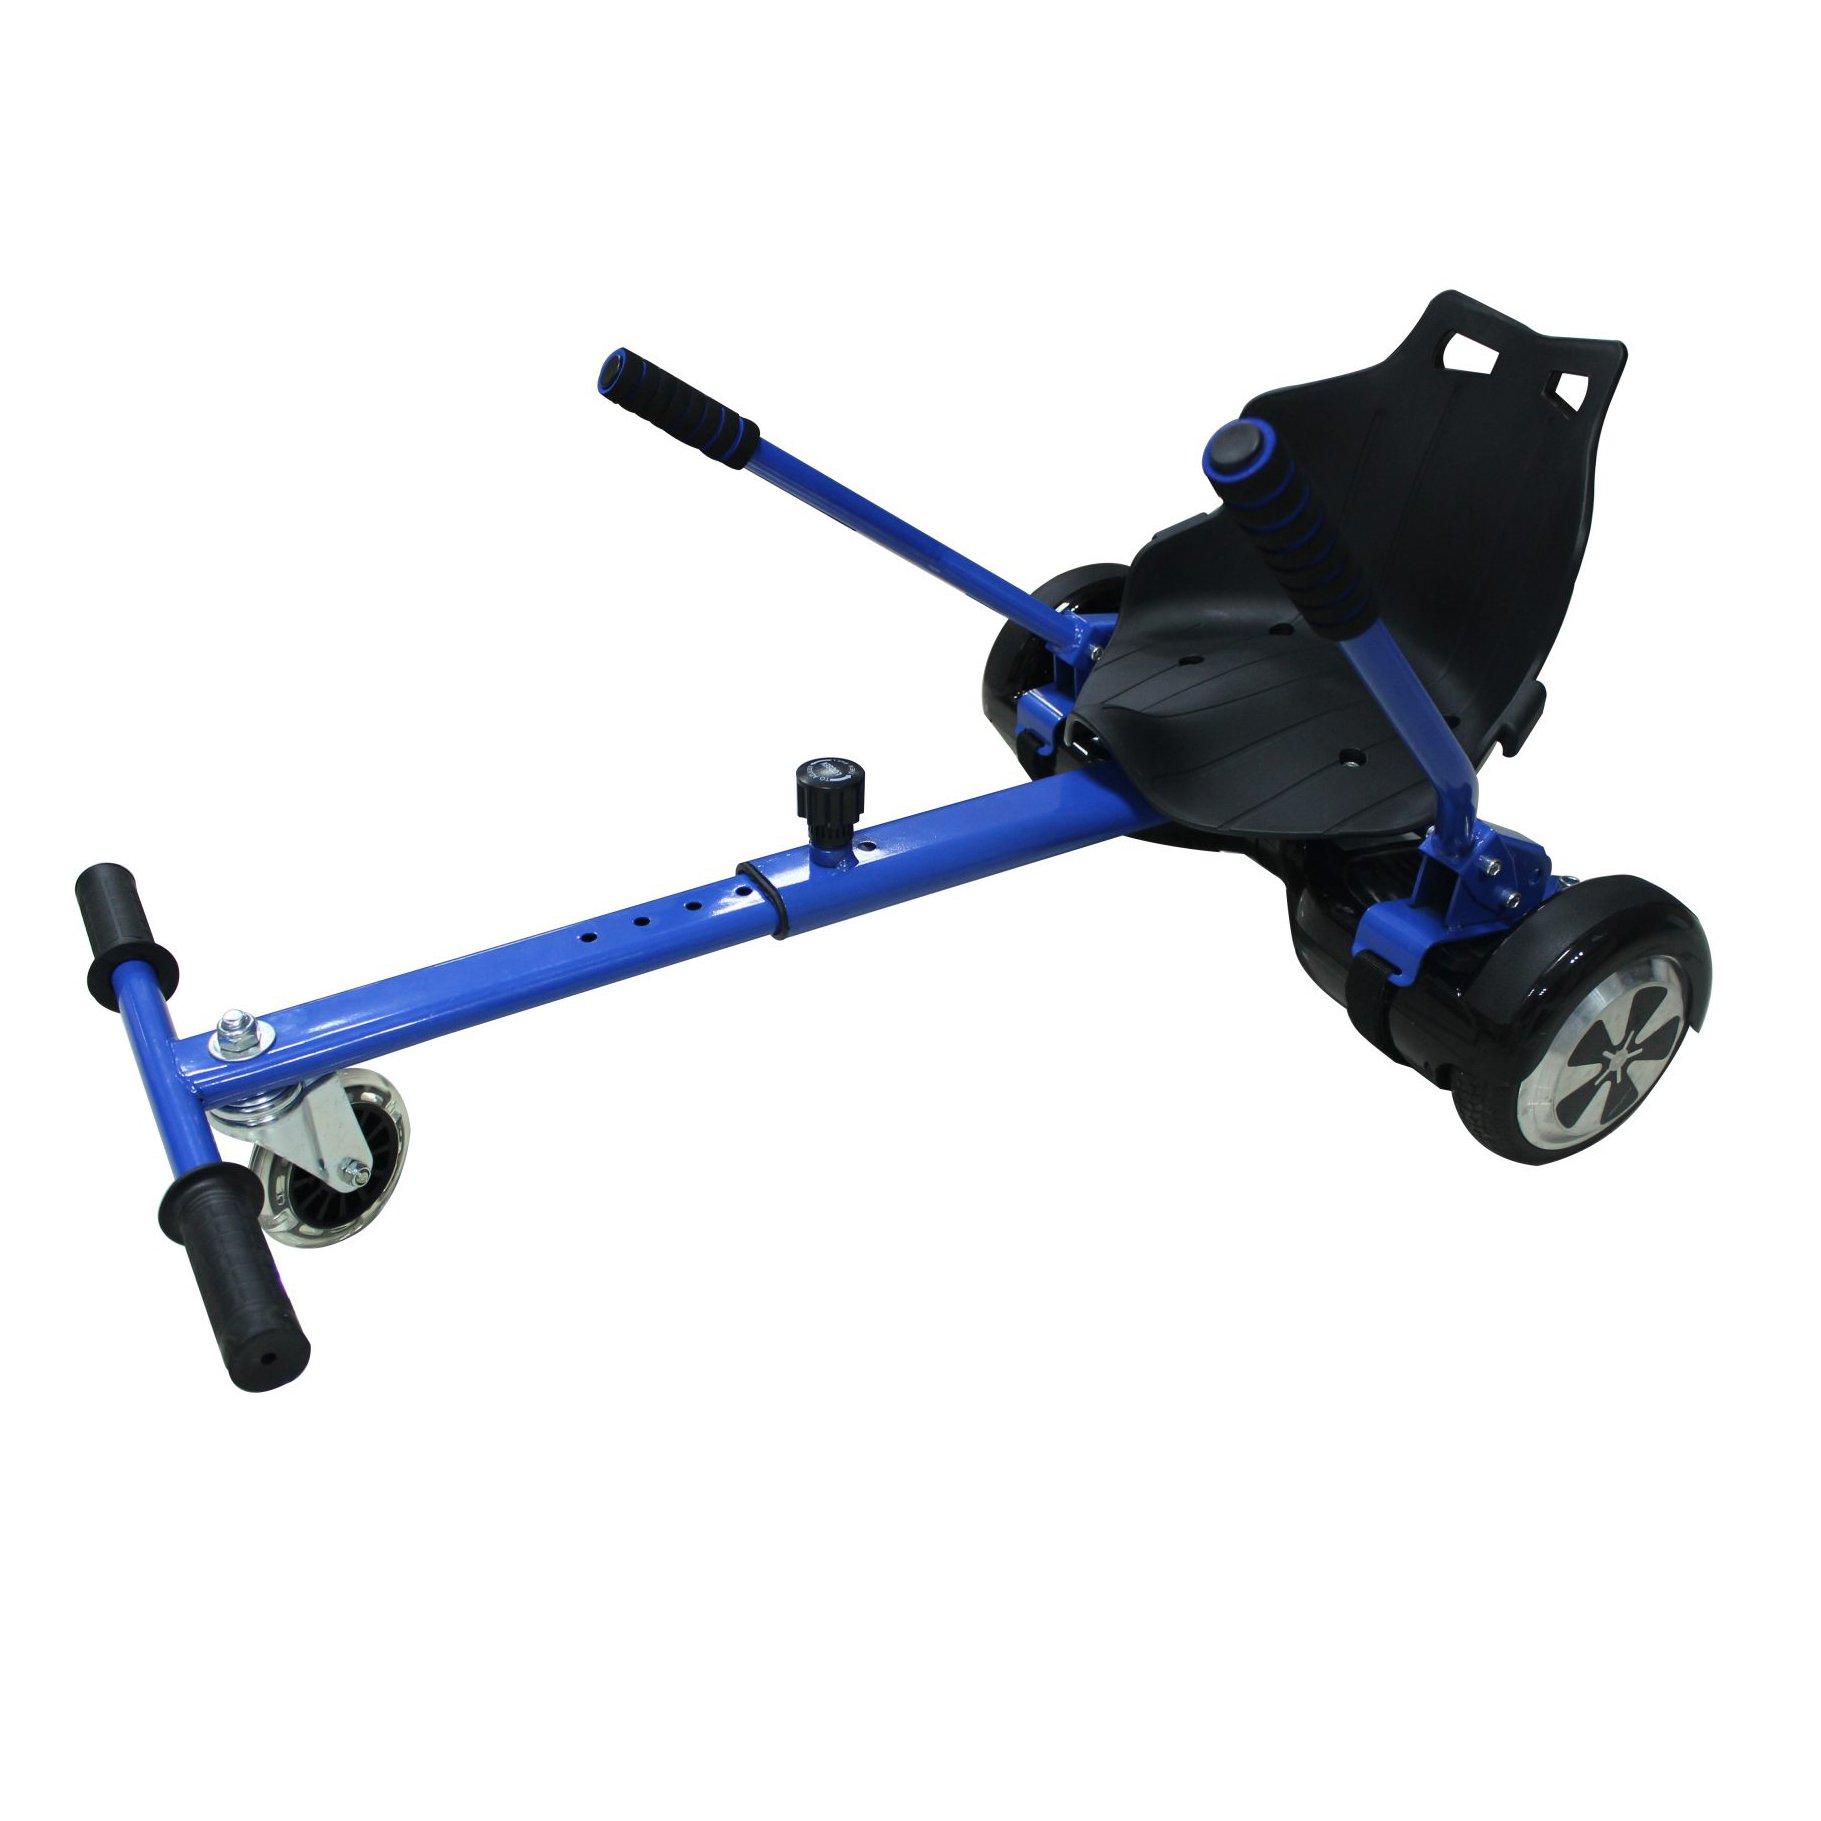 Toytexx Adjustable Go Kart Cart HoverKart Stand Seat for Hoverboards-Blue Color